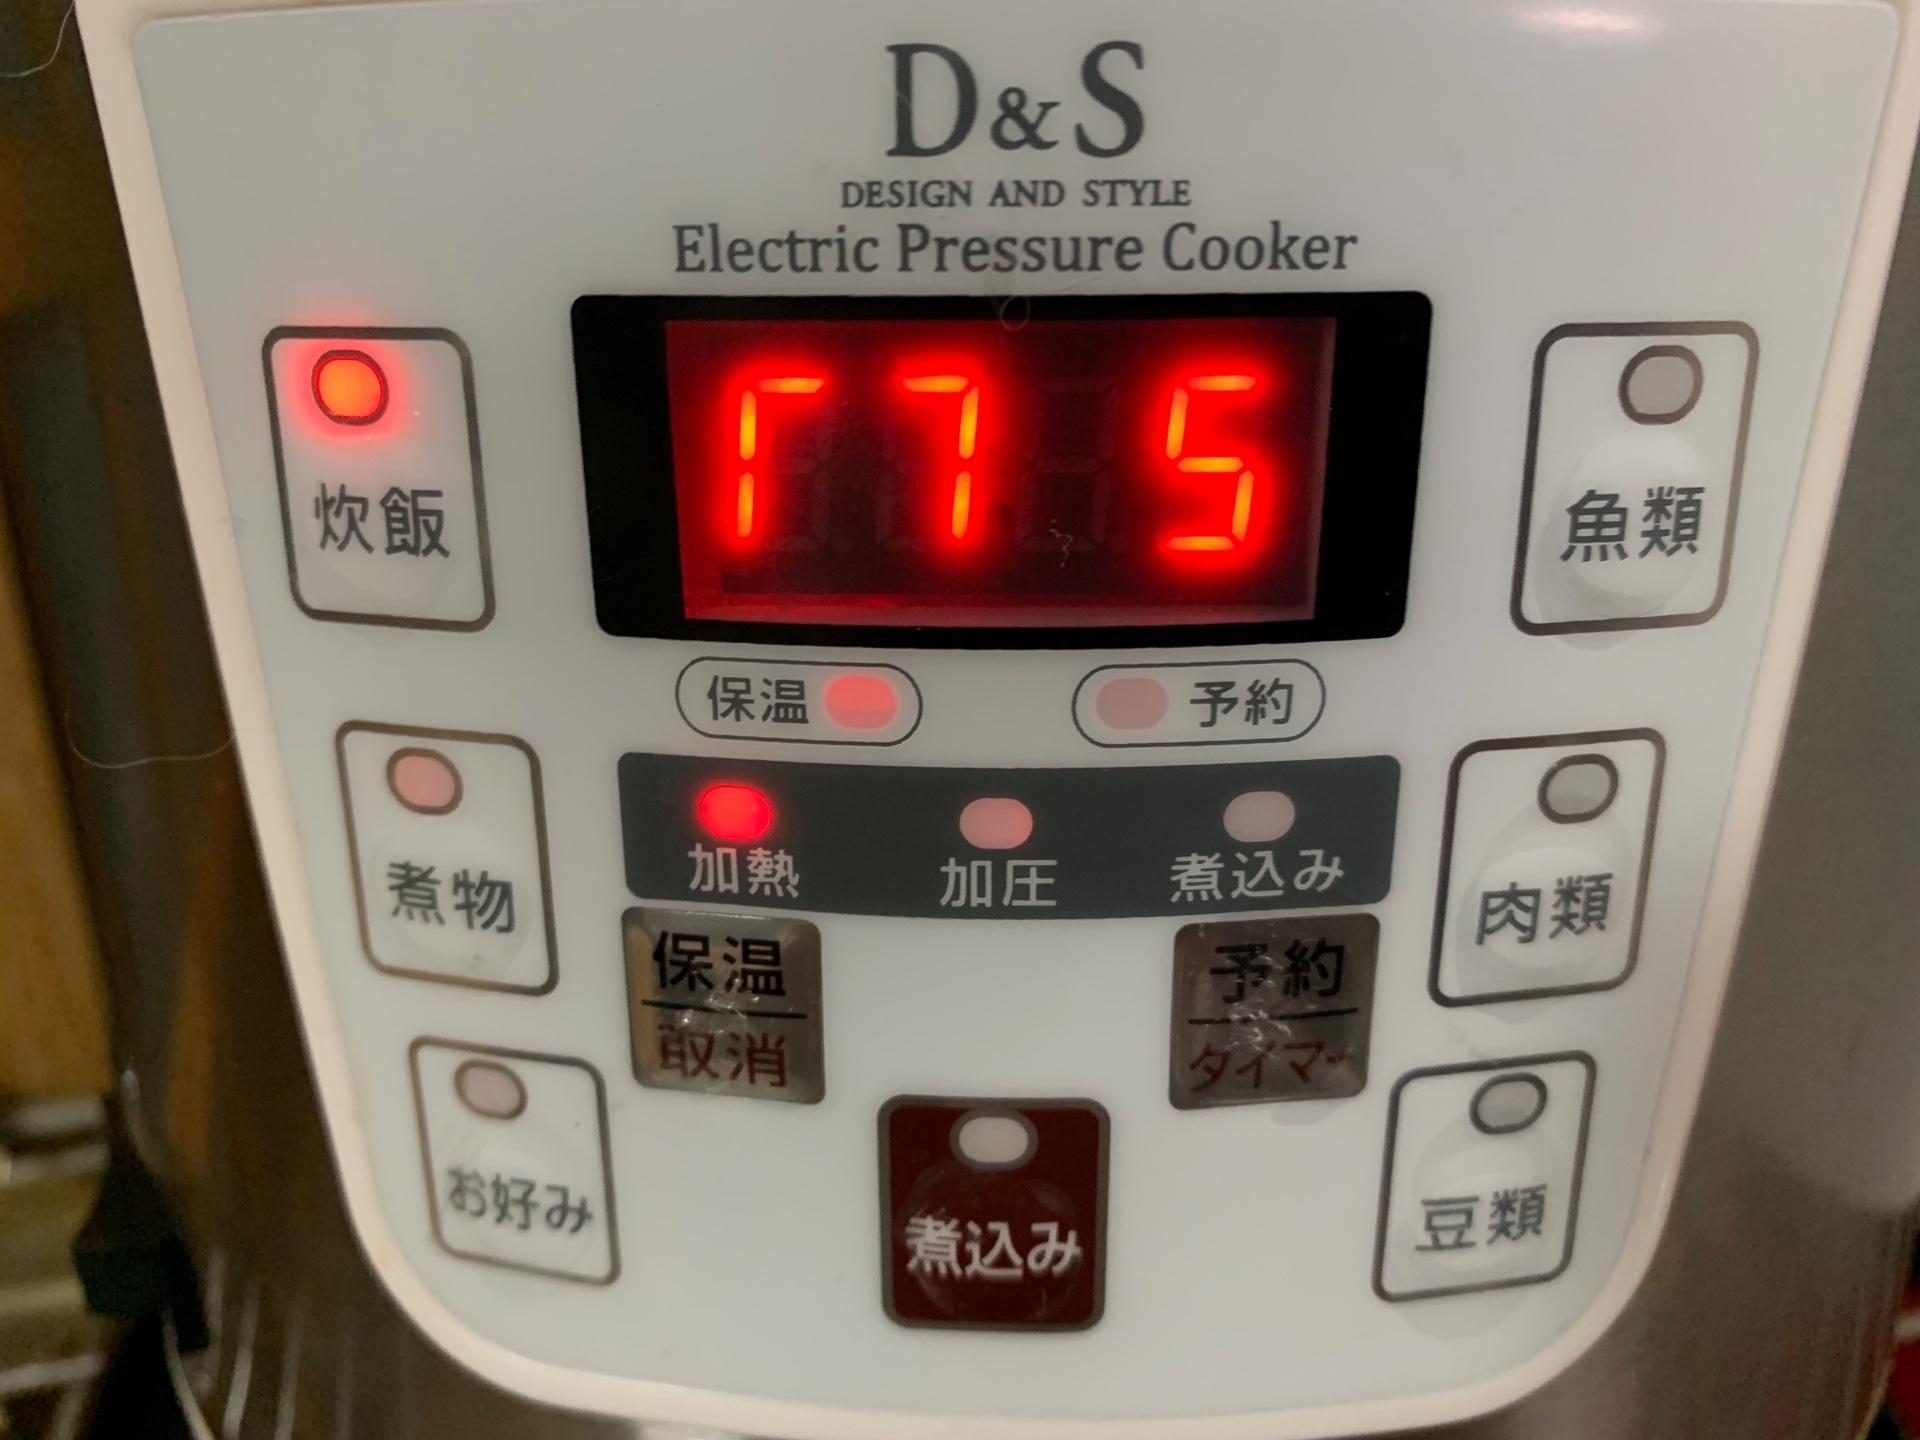 普通の圧力鍋より電気圧力鍋が人気の理由とは